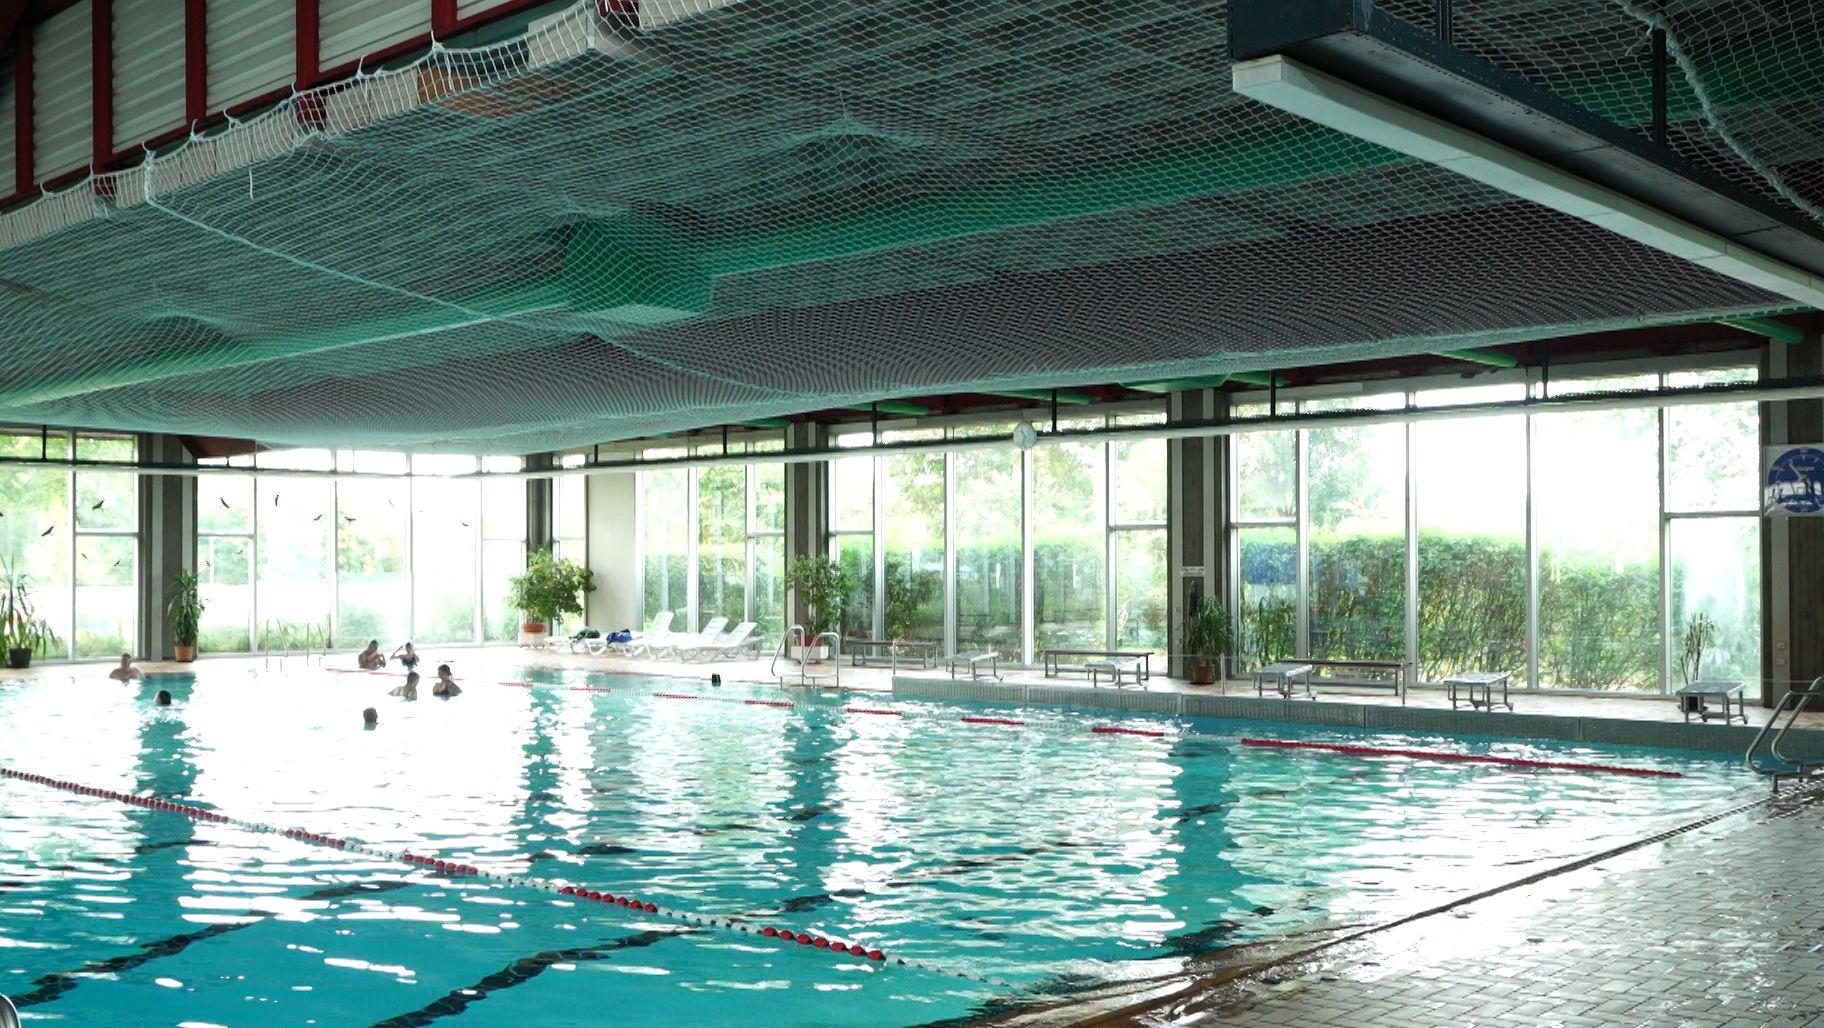 Das Schwimmbecken im Hallenbad Haunstetten. Darüber weißte Netze zum Schutz der Schwimmer